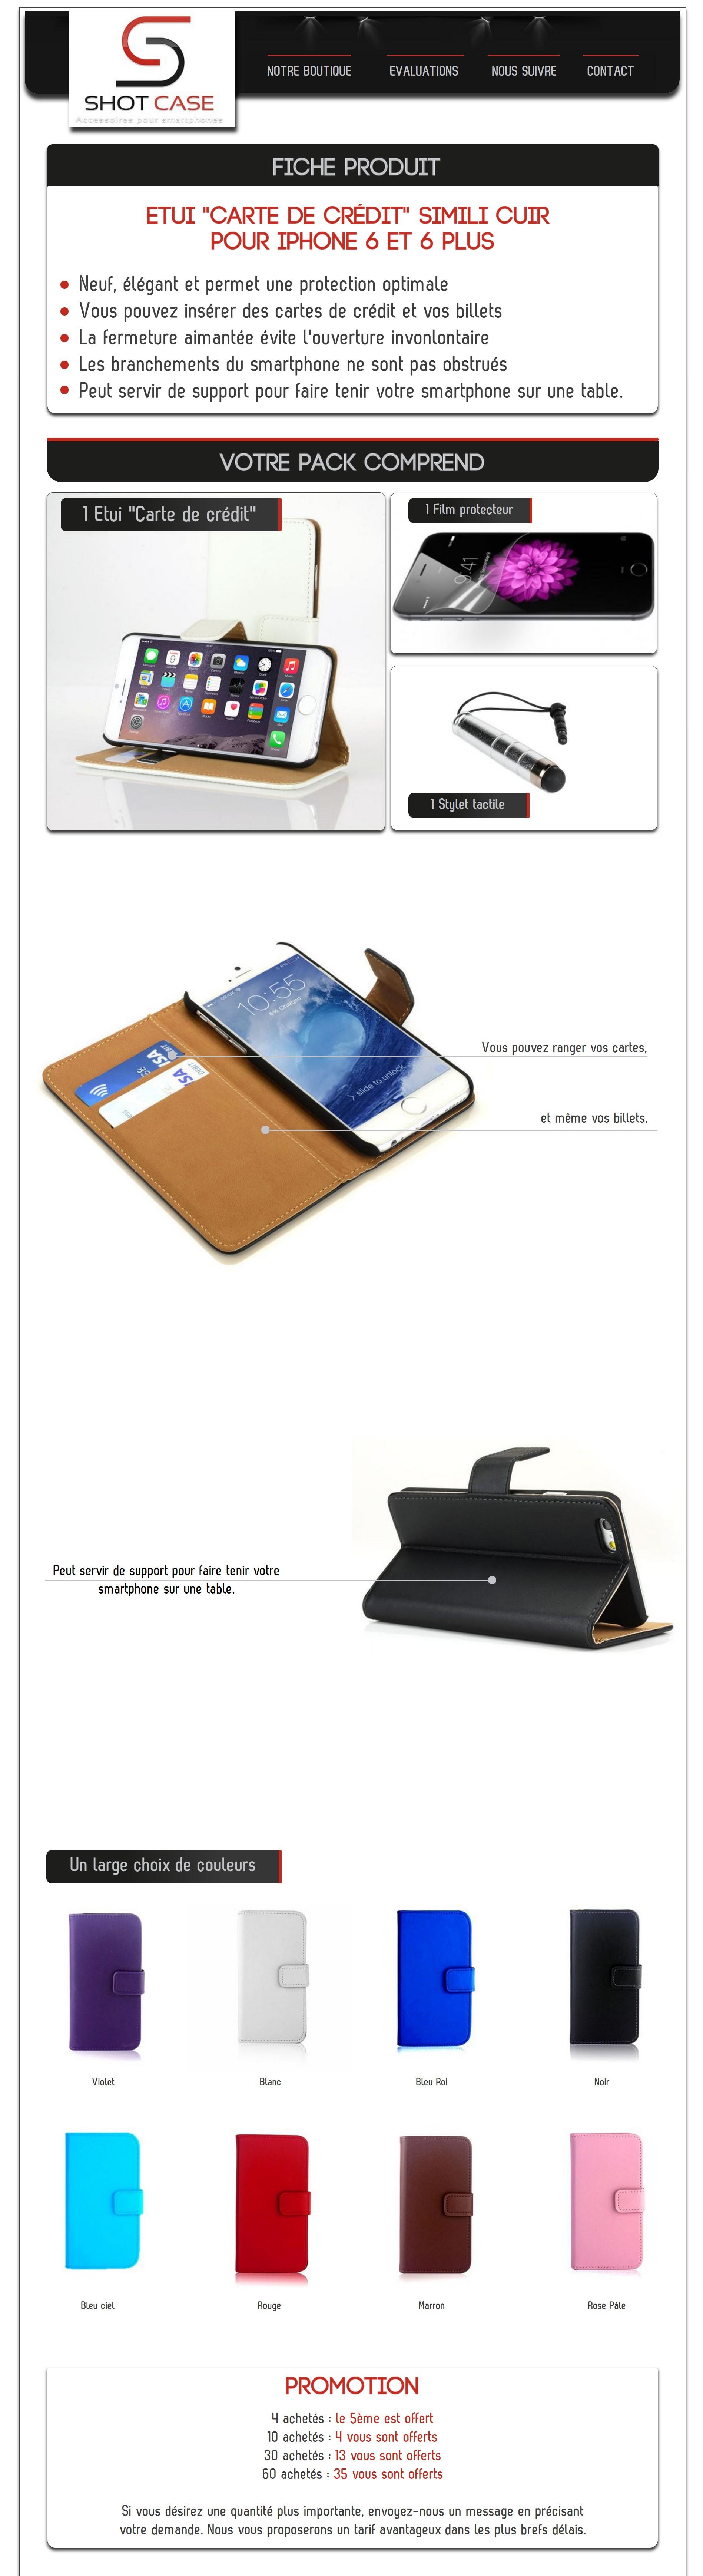 Etui porte feuille iphone 6 cuir (annonce)